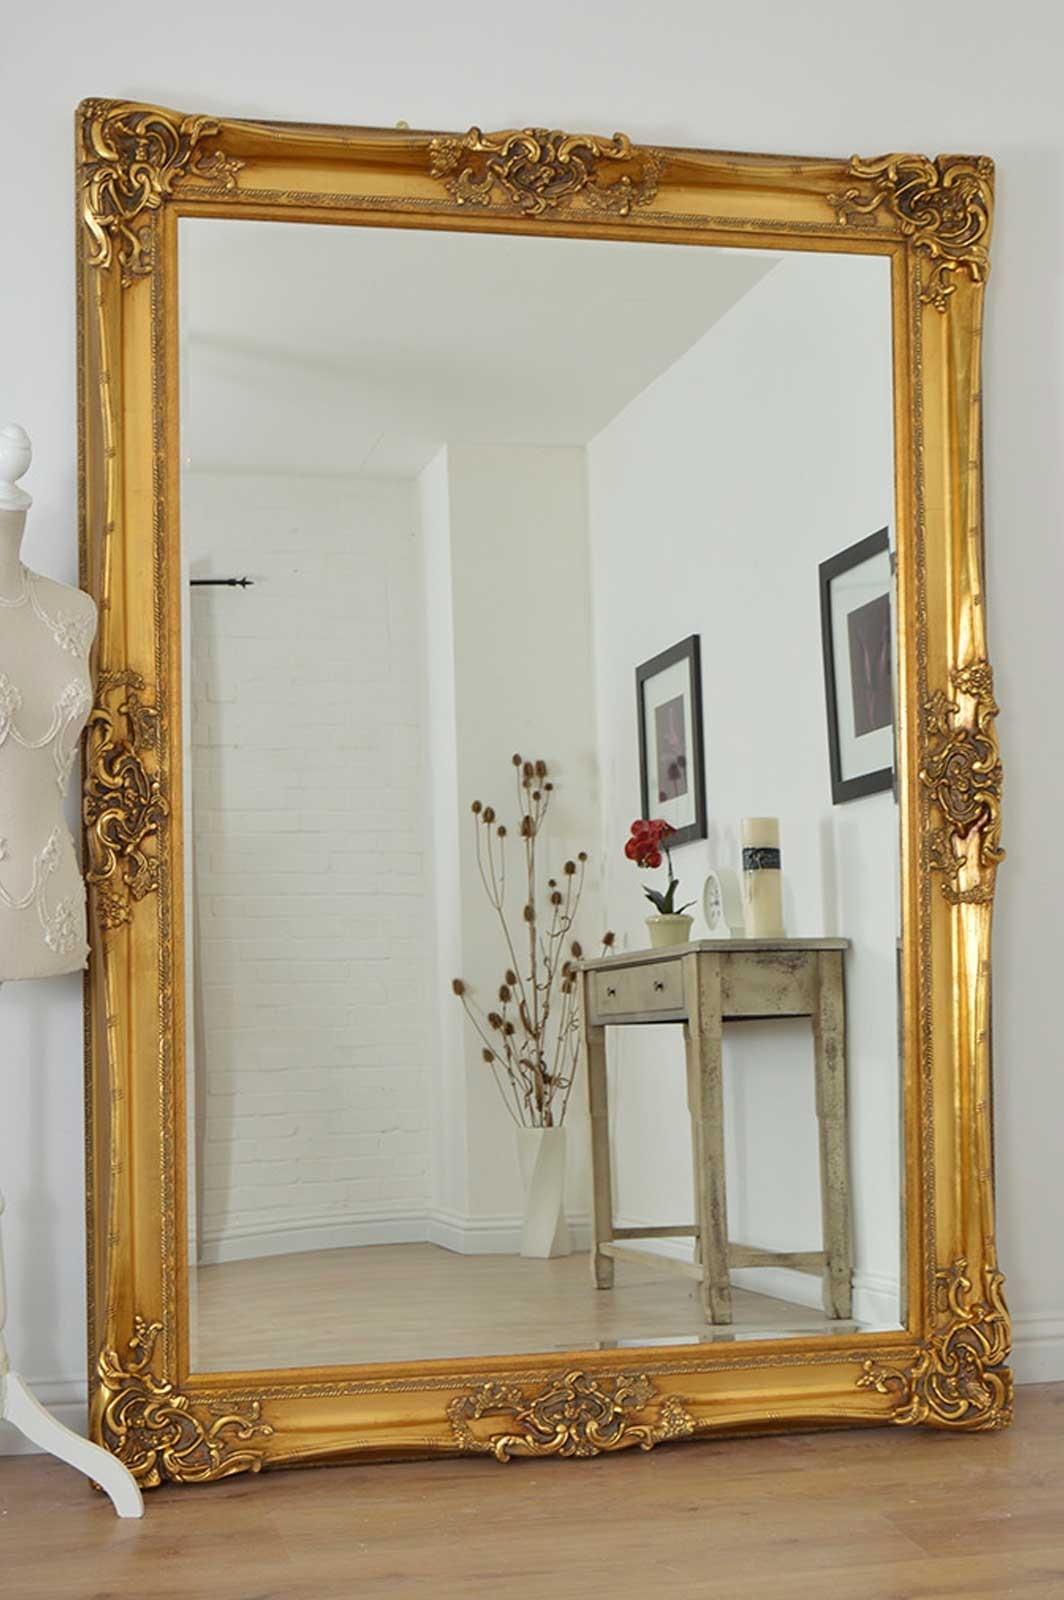 Large Ornate Bathroom Mirrors